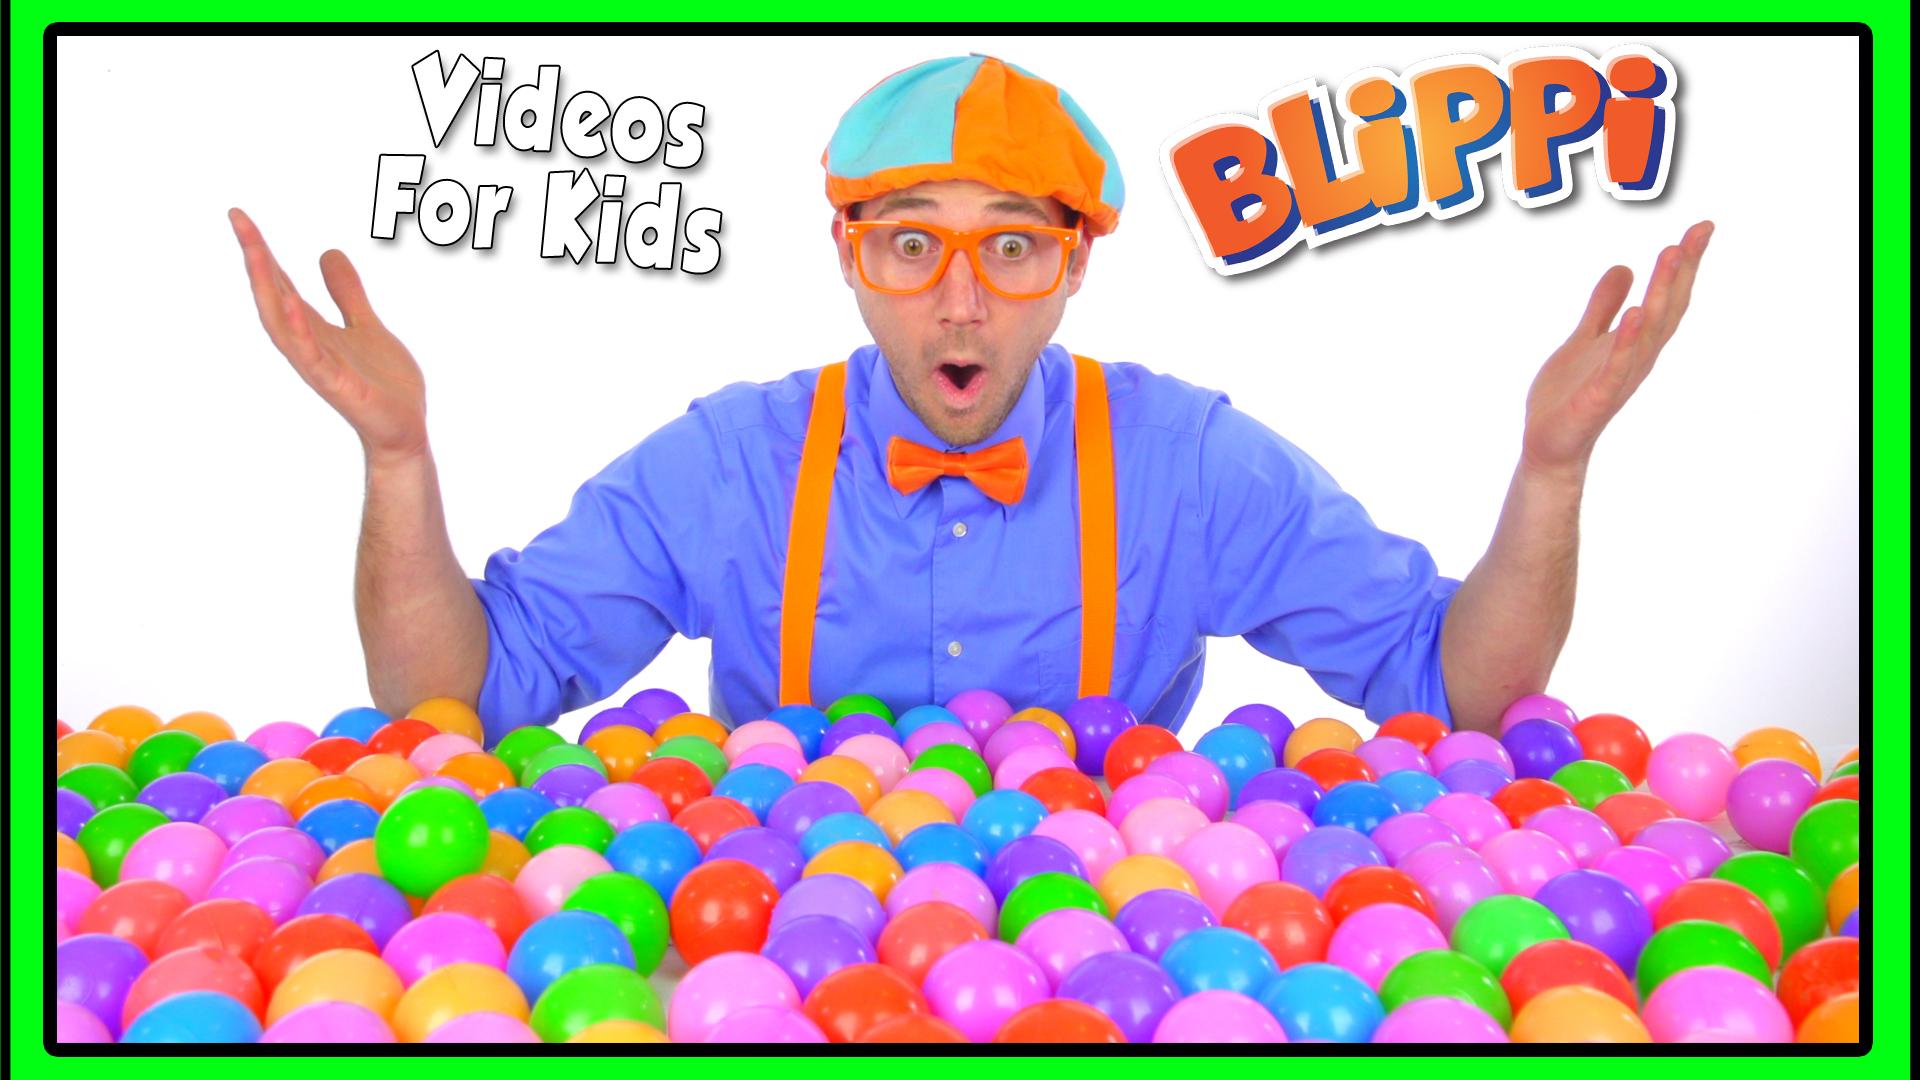 Blippi - Videos for Kids